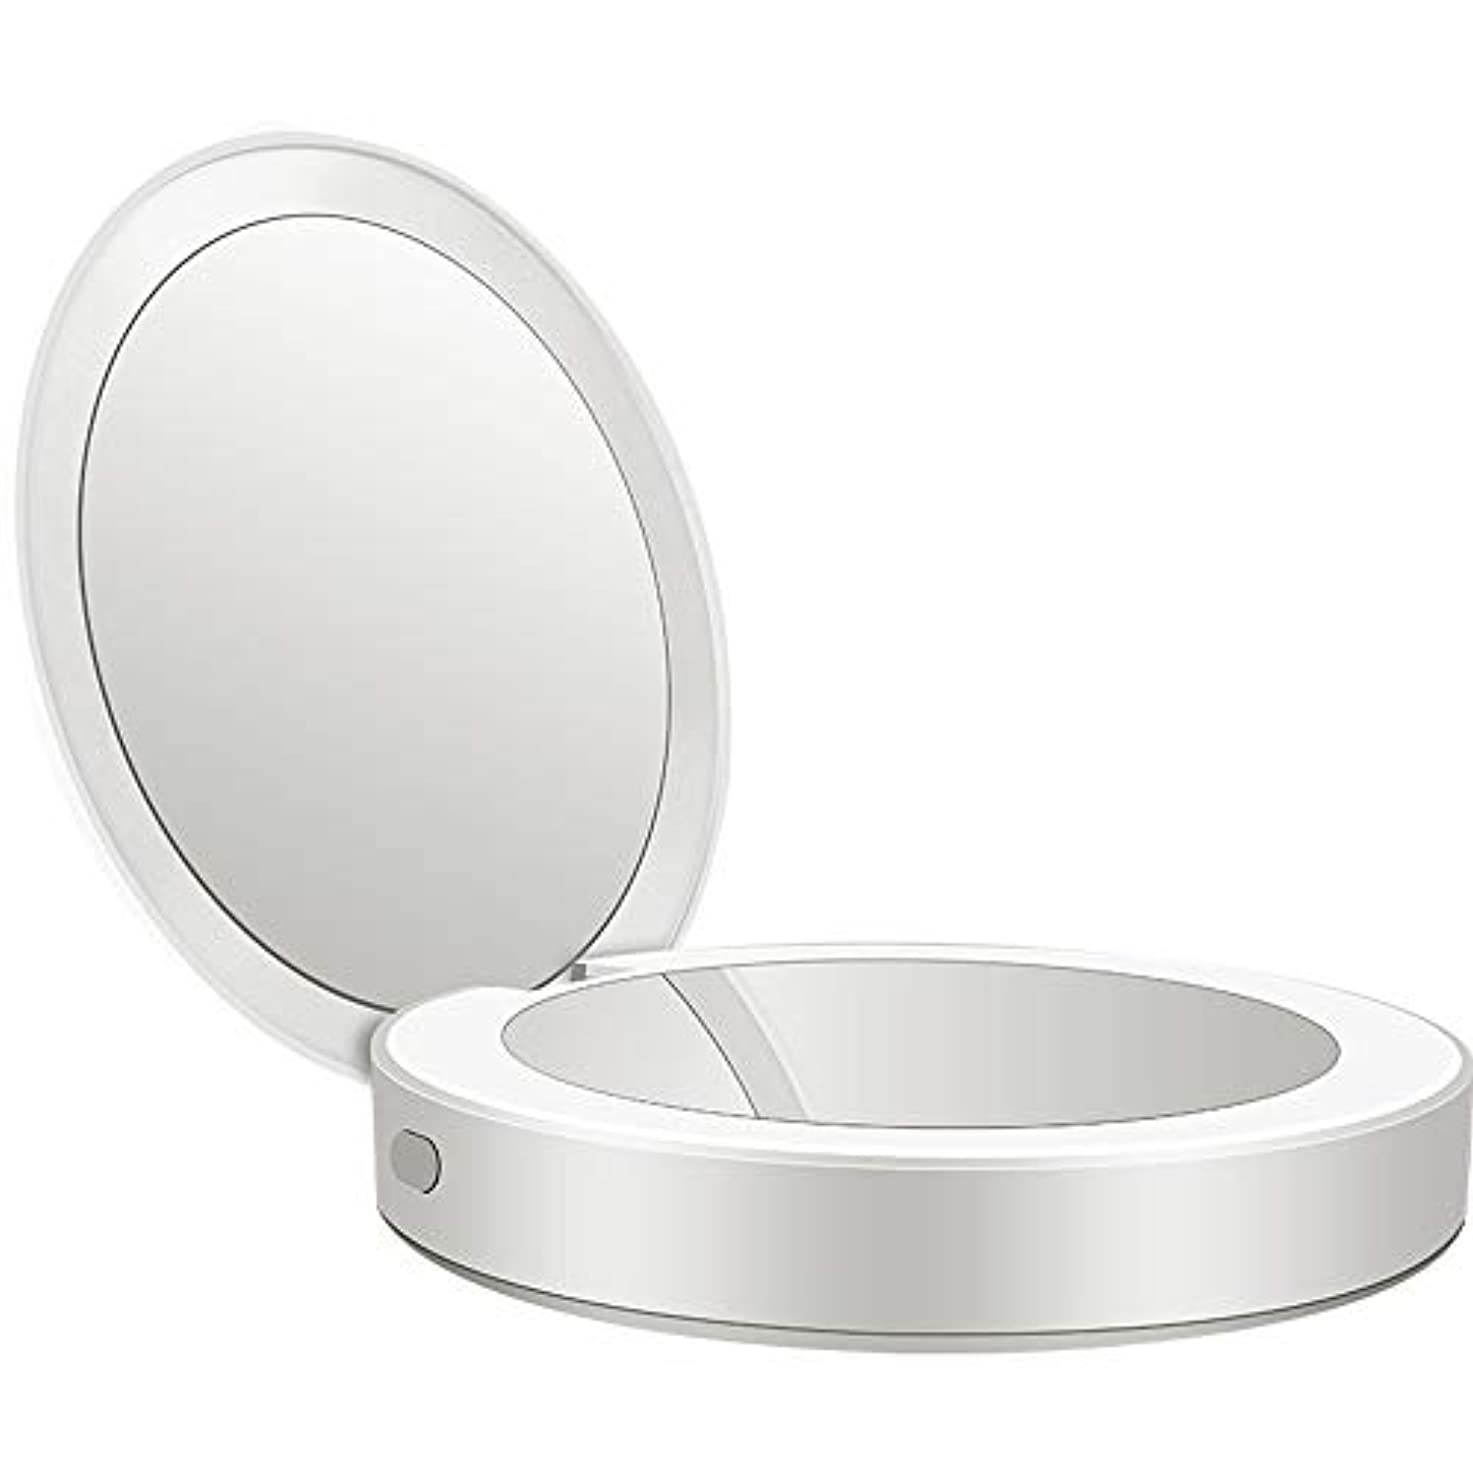 太字ピジンひらめき流行の 新しい多機能ポータブル折りたたみLEDライト化粧鏡フィルライト充電宝物鏡ABS素材ギフトギフトライト充電虫眼鏡 (色 : Silver)